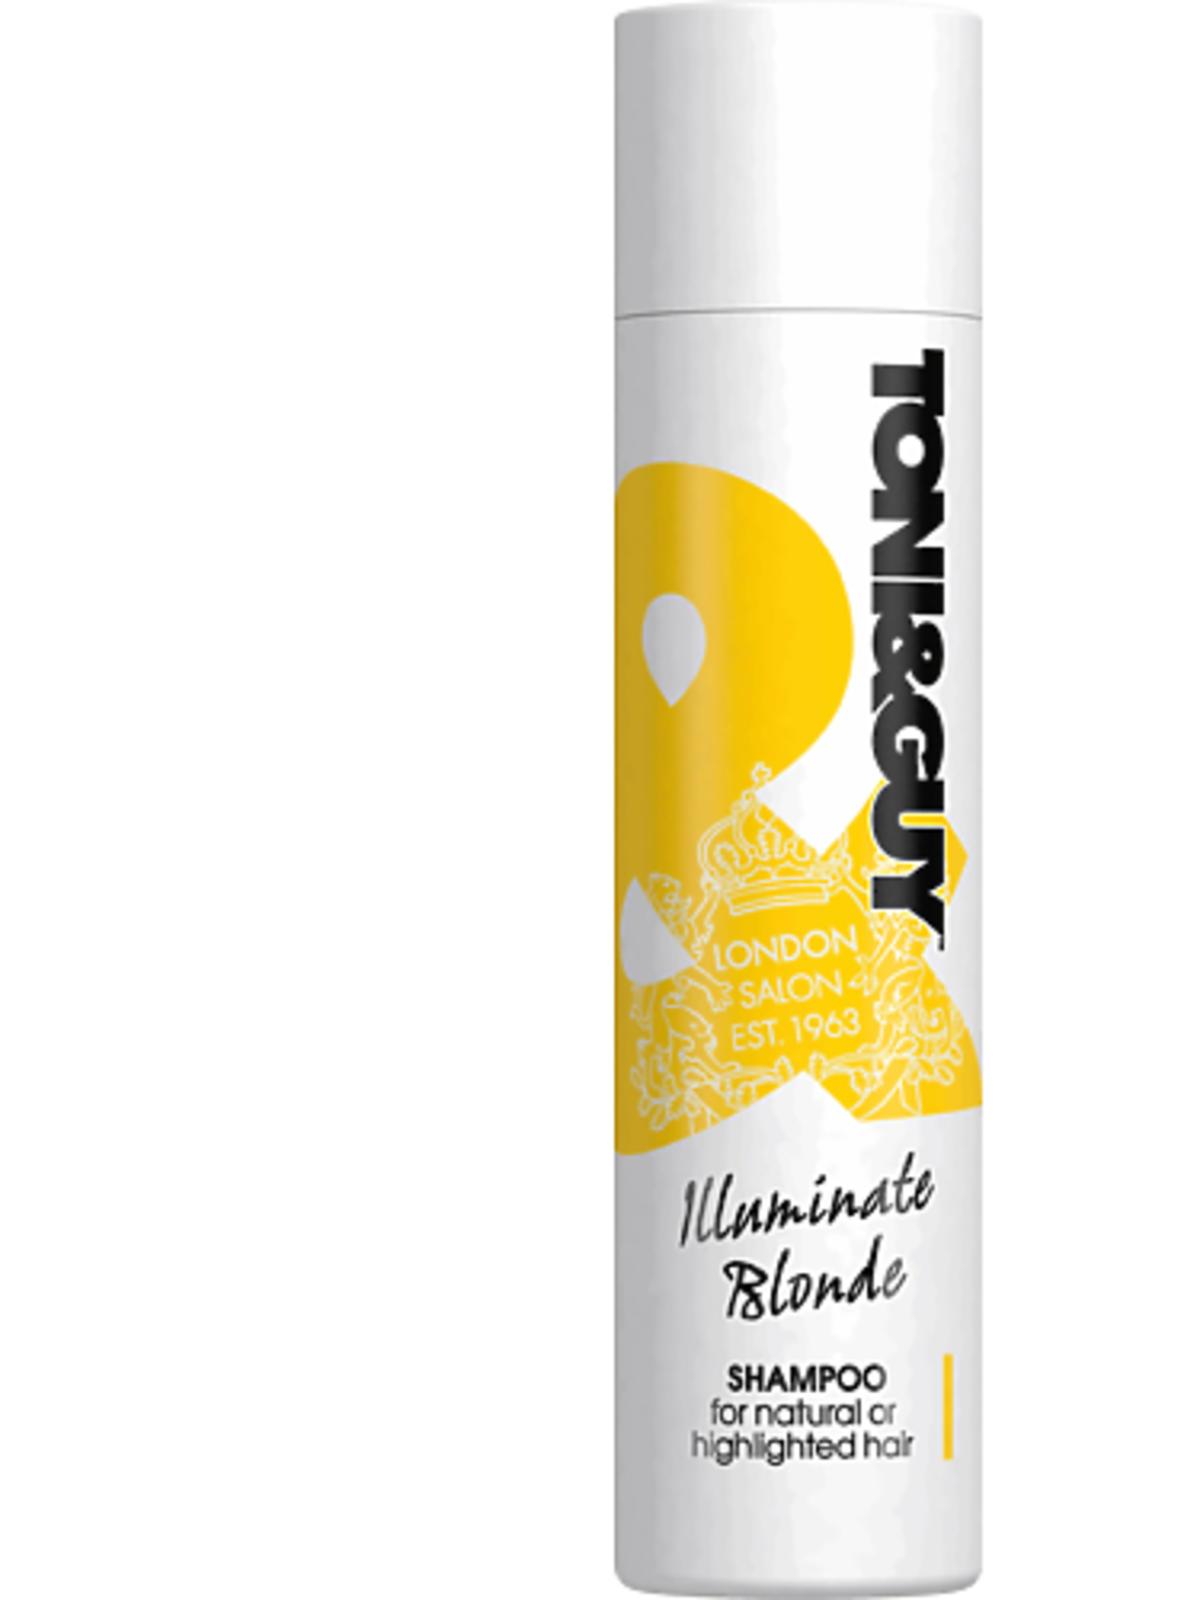 Toni&Guy, Illuminate Blonde, szampon do włosów blond, 34,99 zł